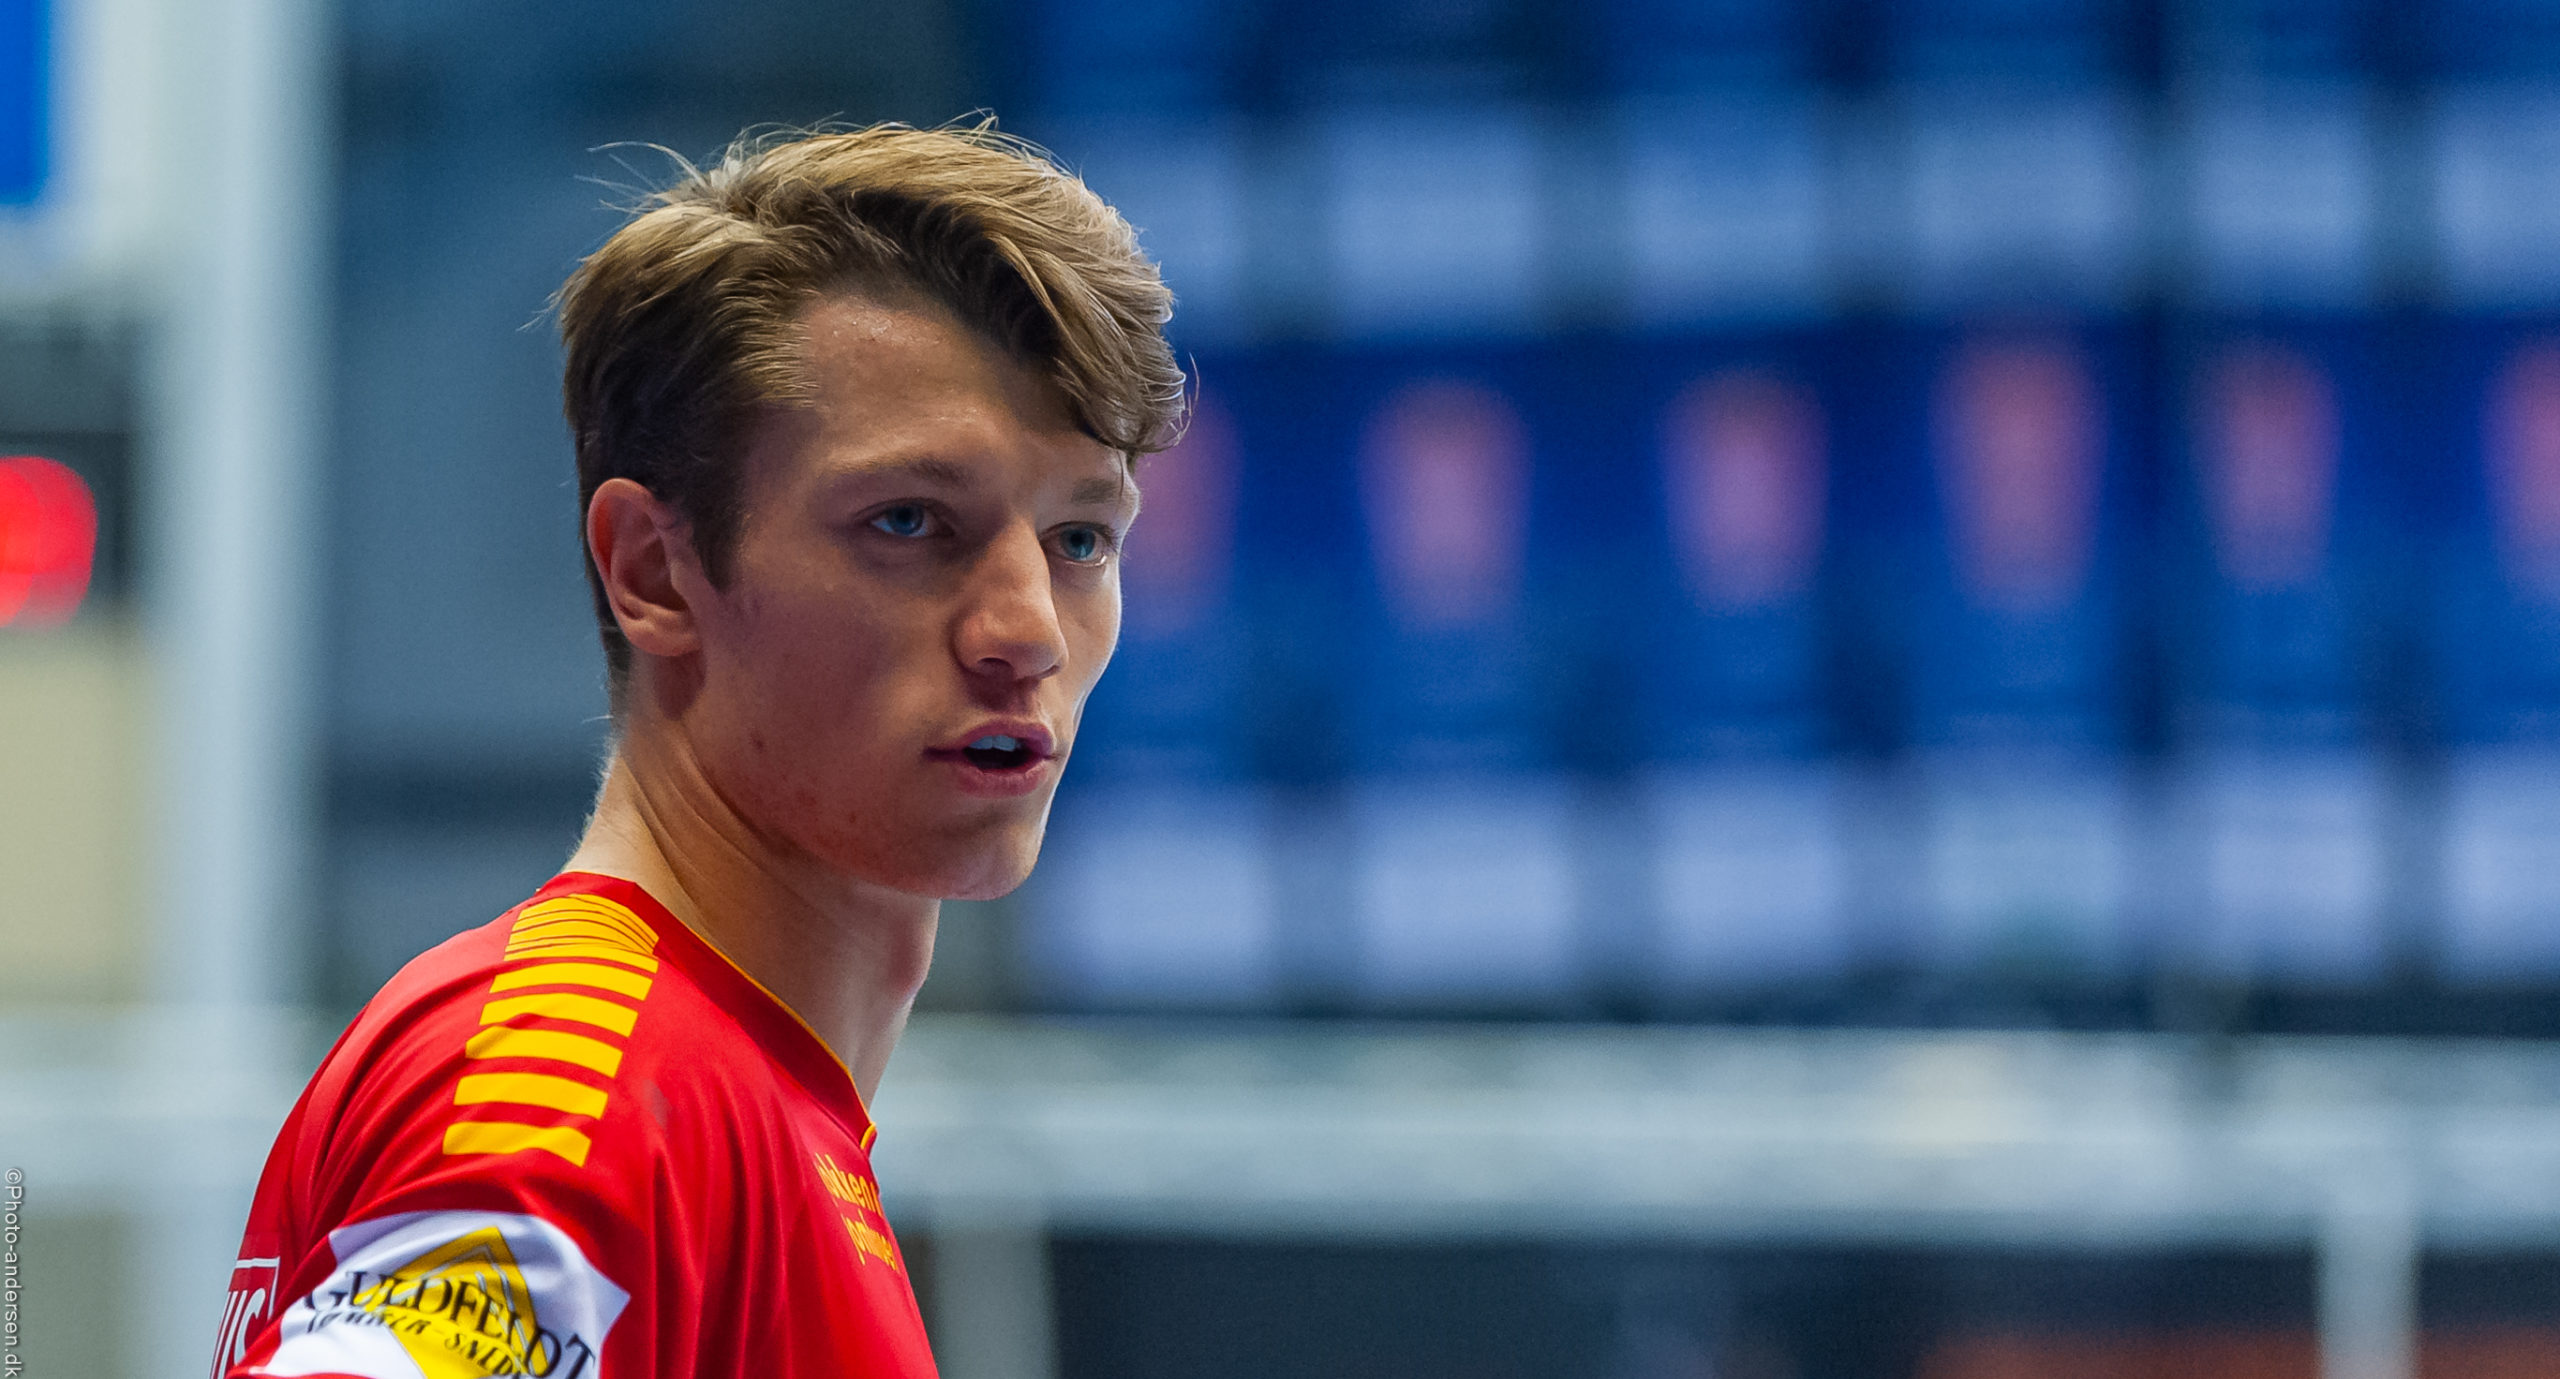 Emil Jakobsen: -Jeg skal finde mit rigtige spændingsniveau